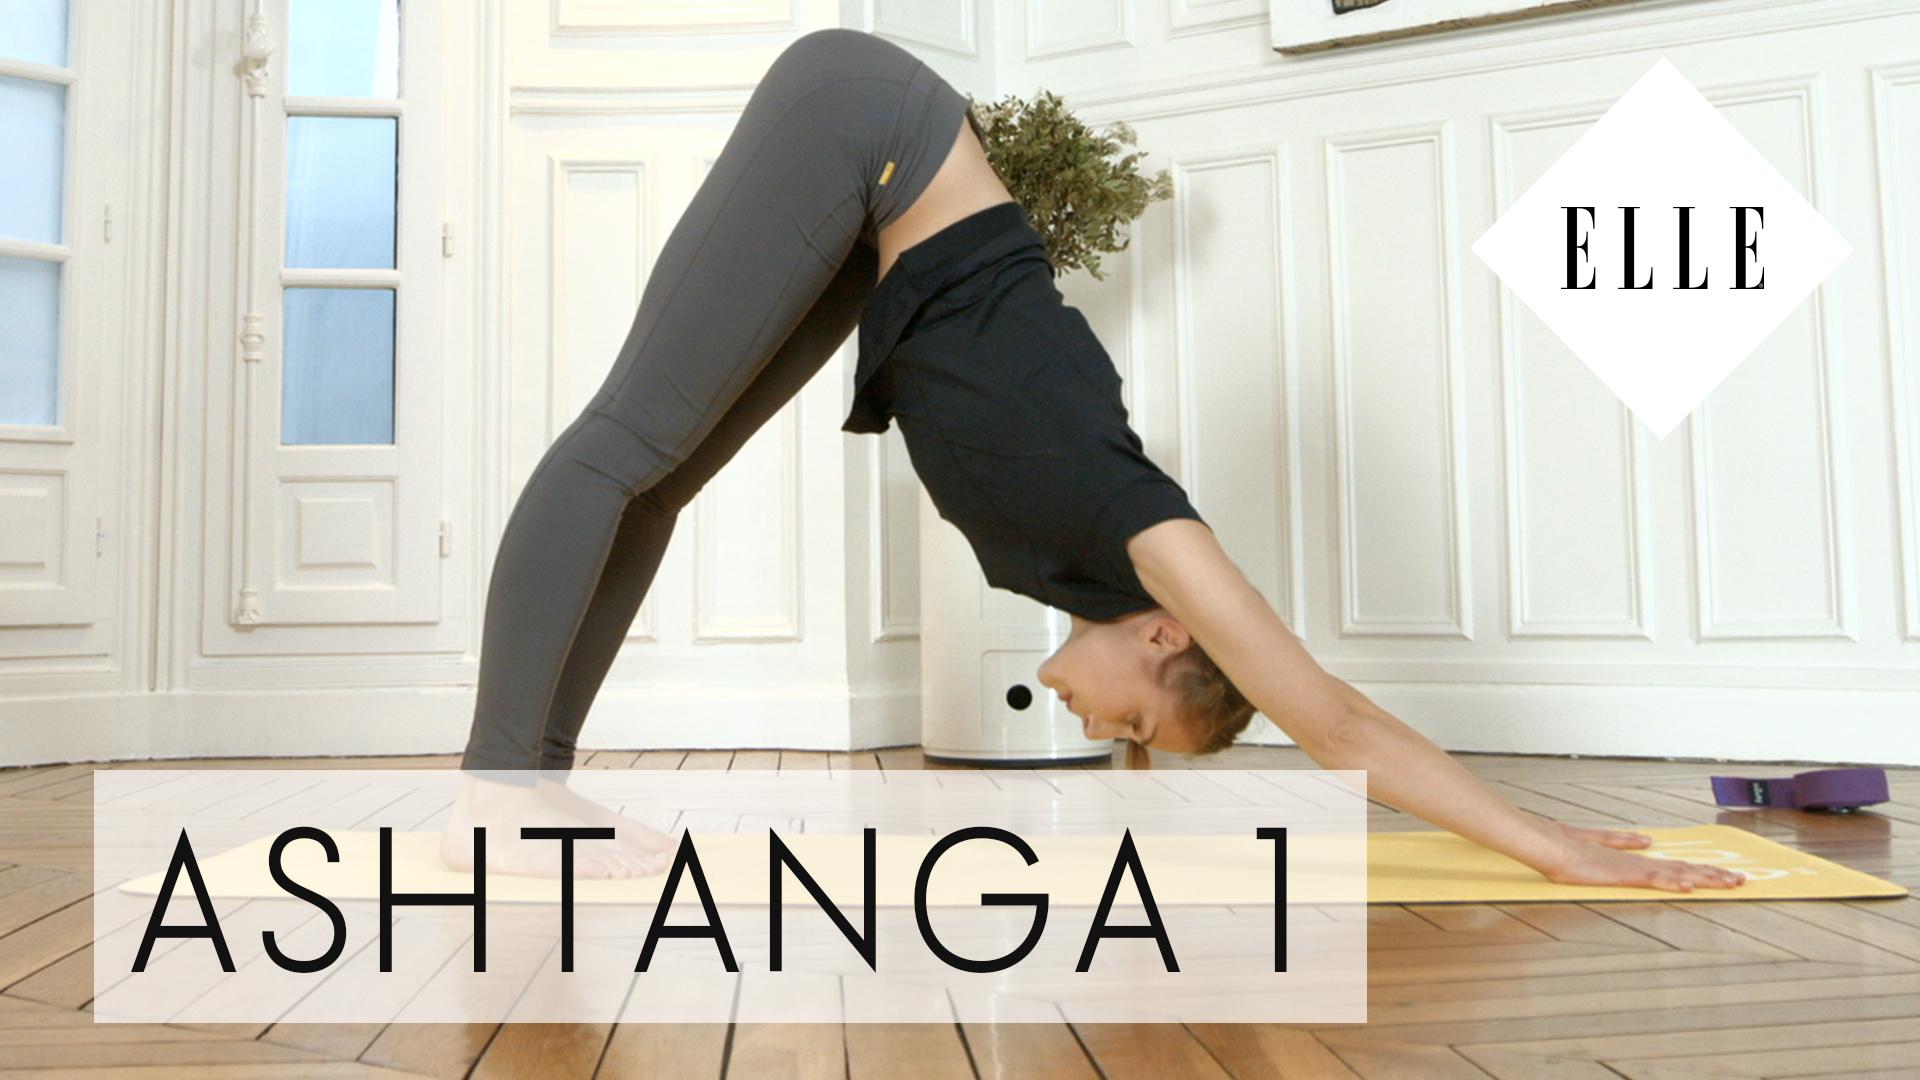 cours de yoga ashtanga pour d butants elle vid os. Black Bedroom Furniture Sets. Home Design Ideas